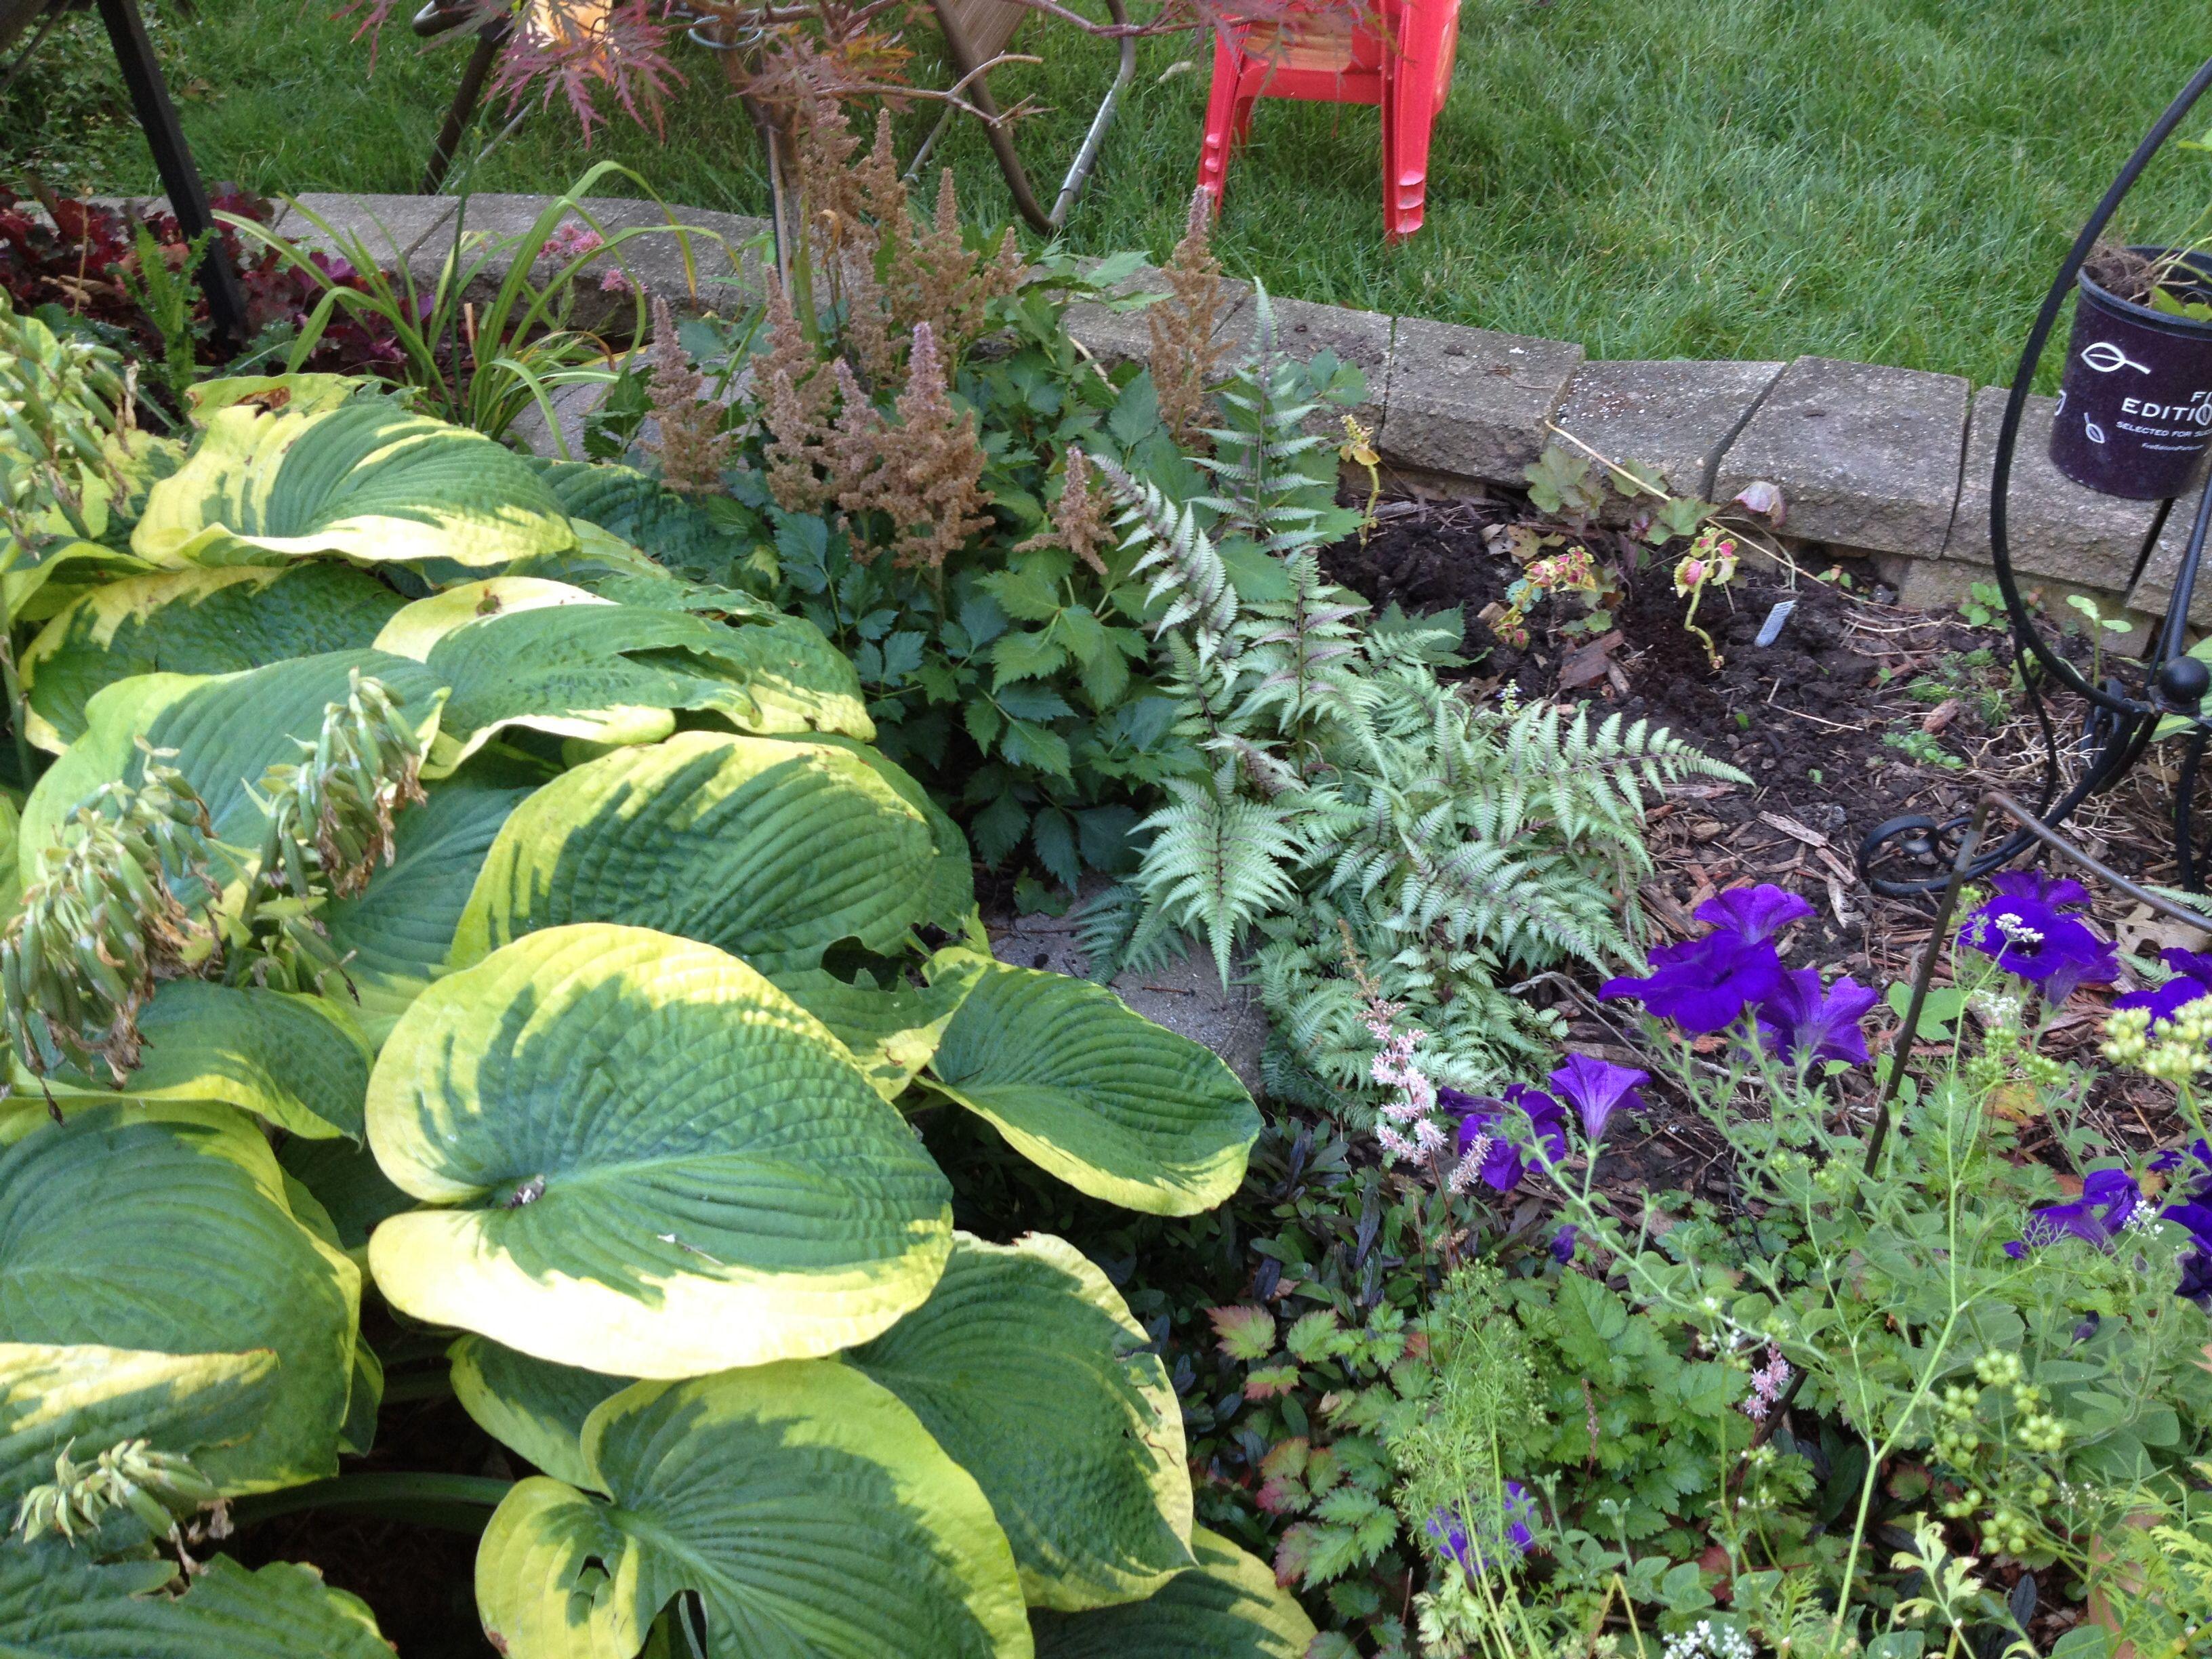 Jurassic Park Hosta Gardening With Hostas Jurassic Park Park